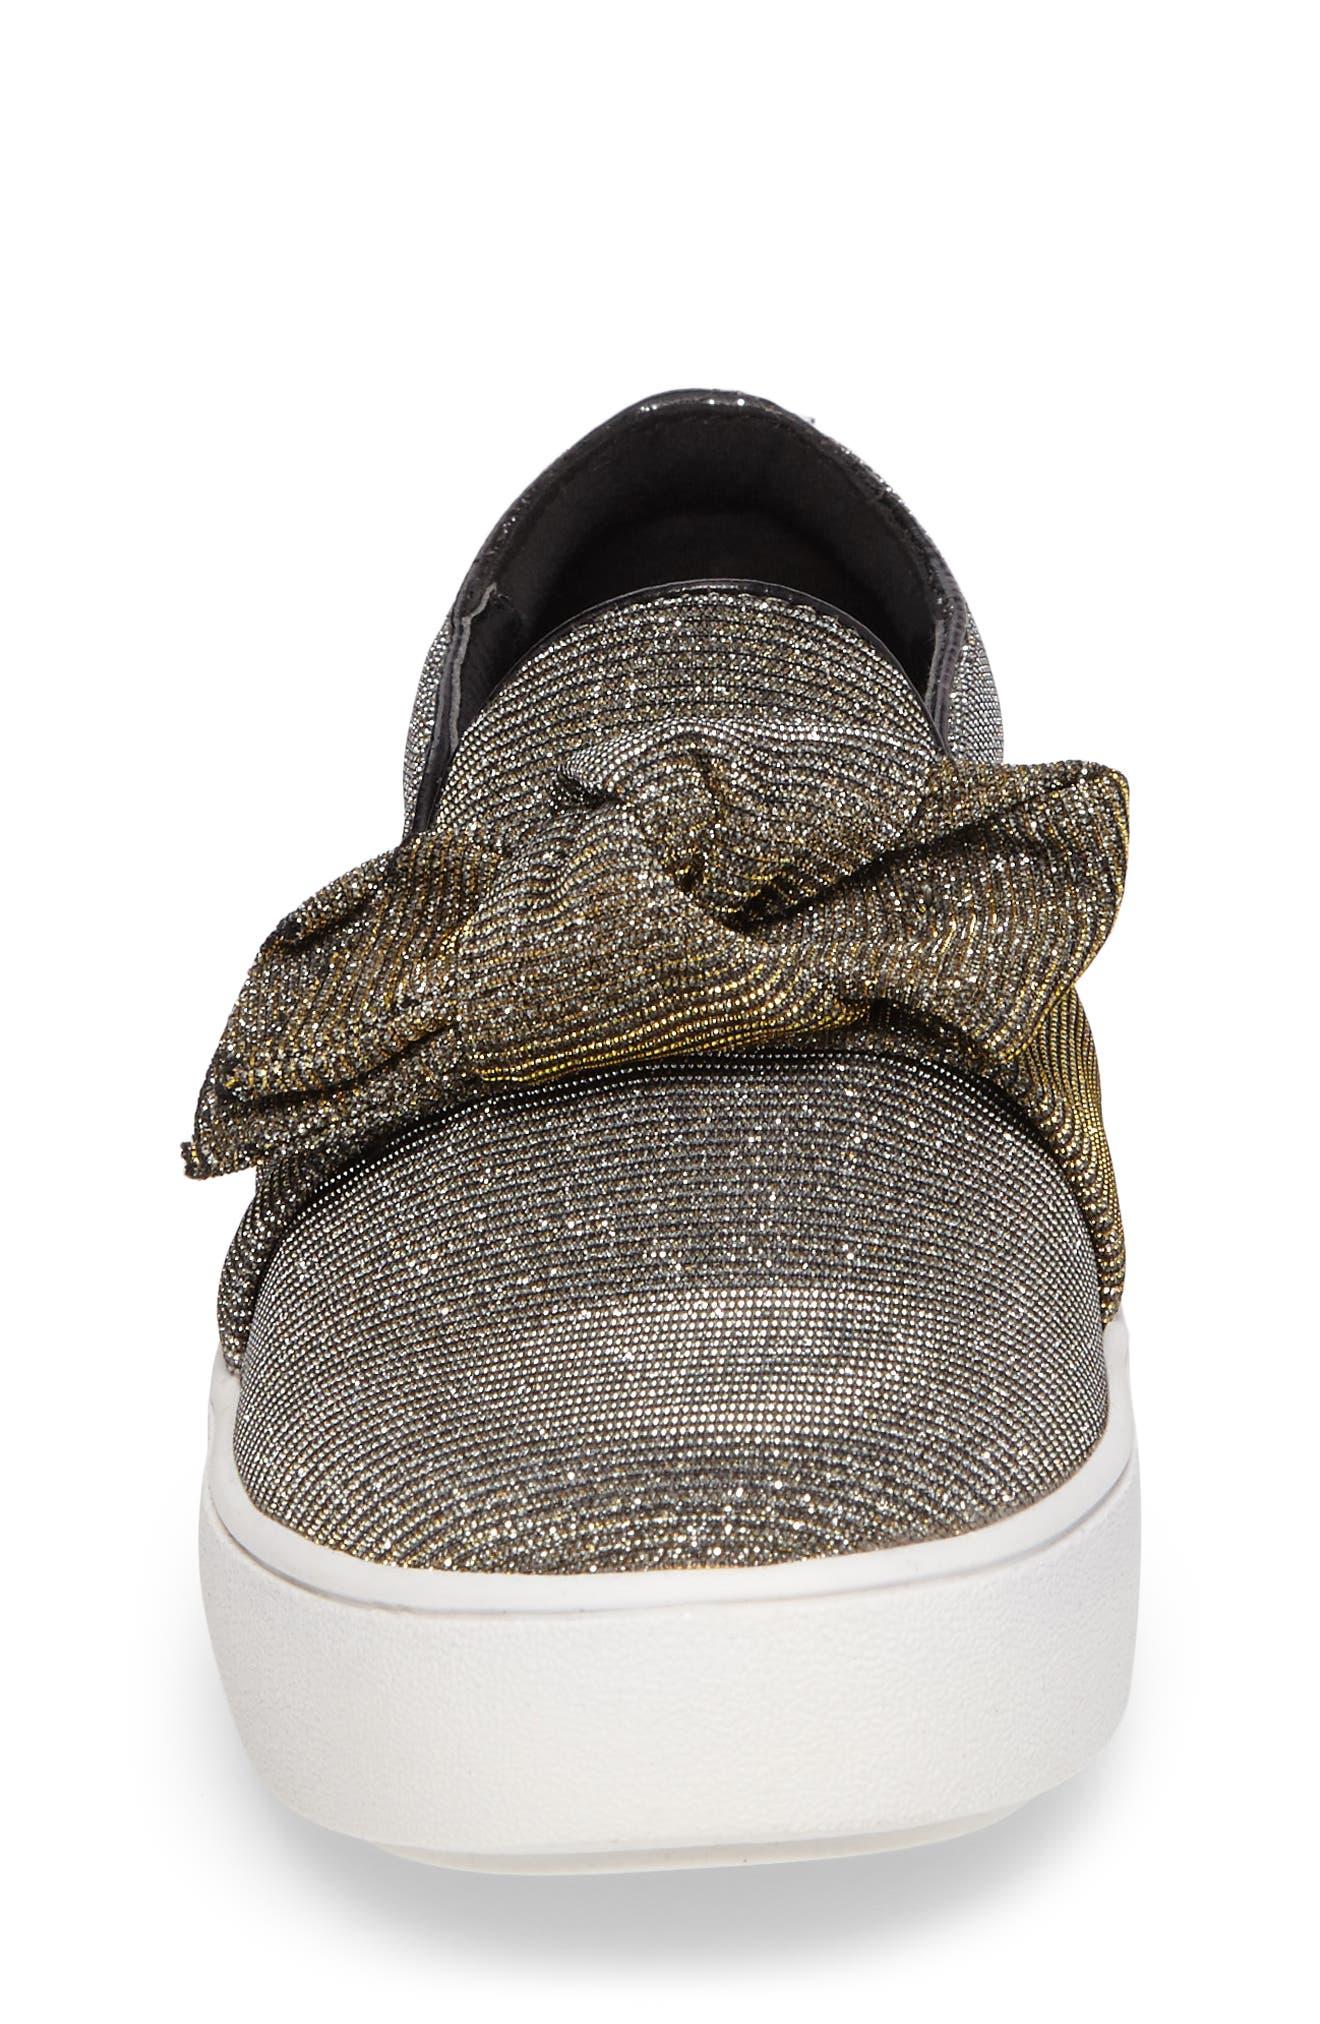 Maven Poppy Knotted Slip-On Sneaker,                             Alternate thumbnail 12, color,